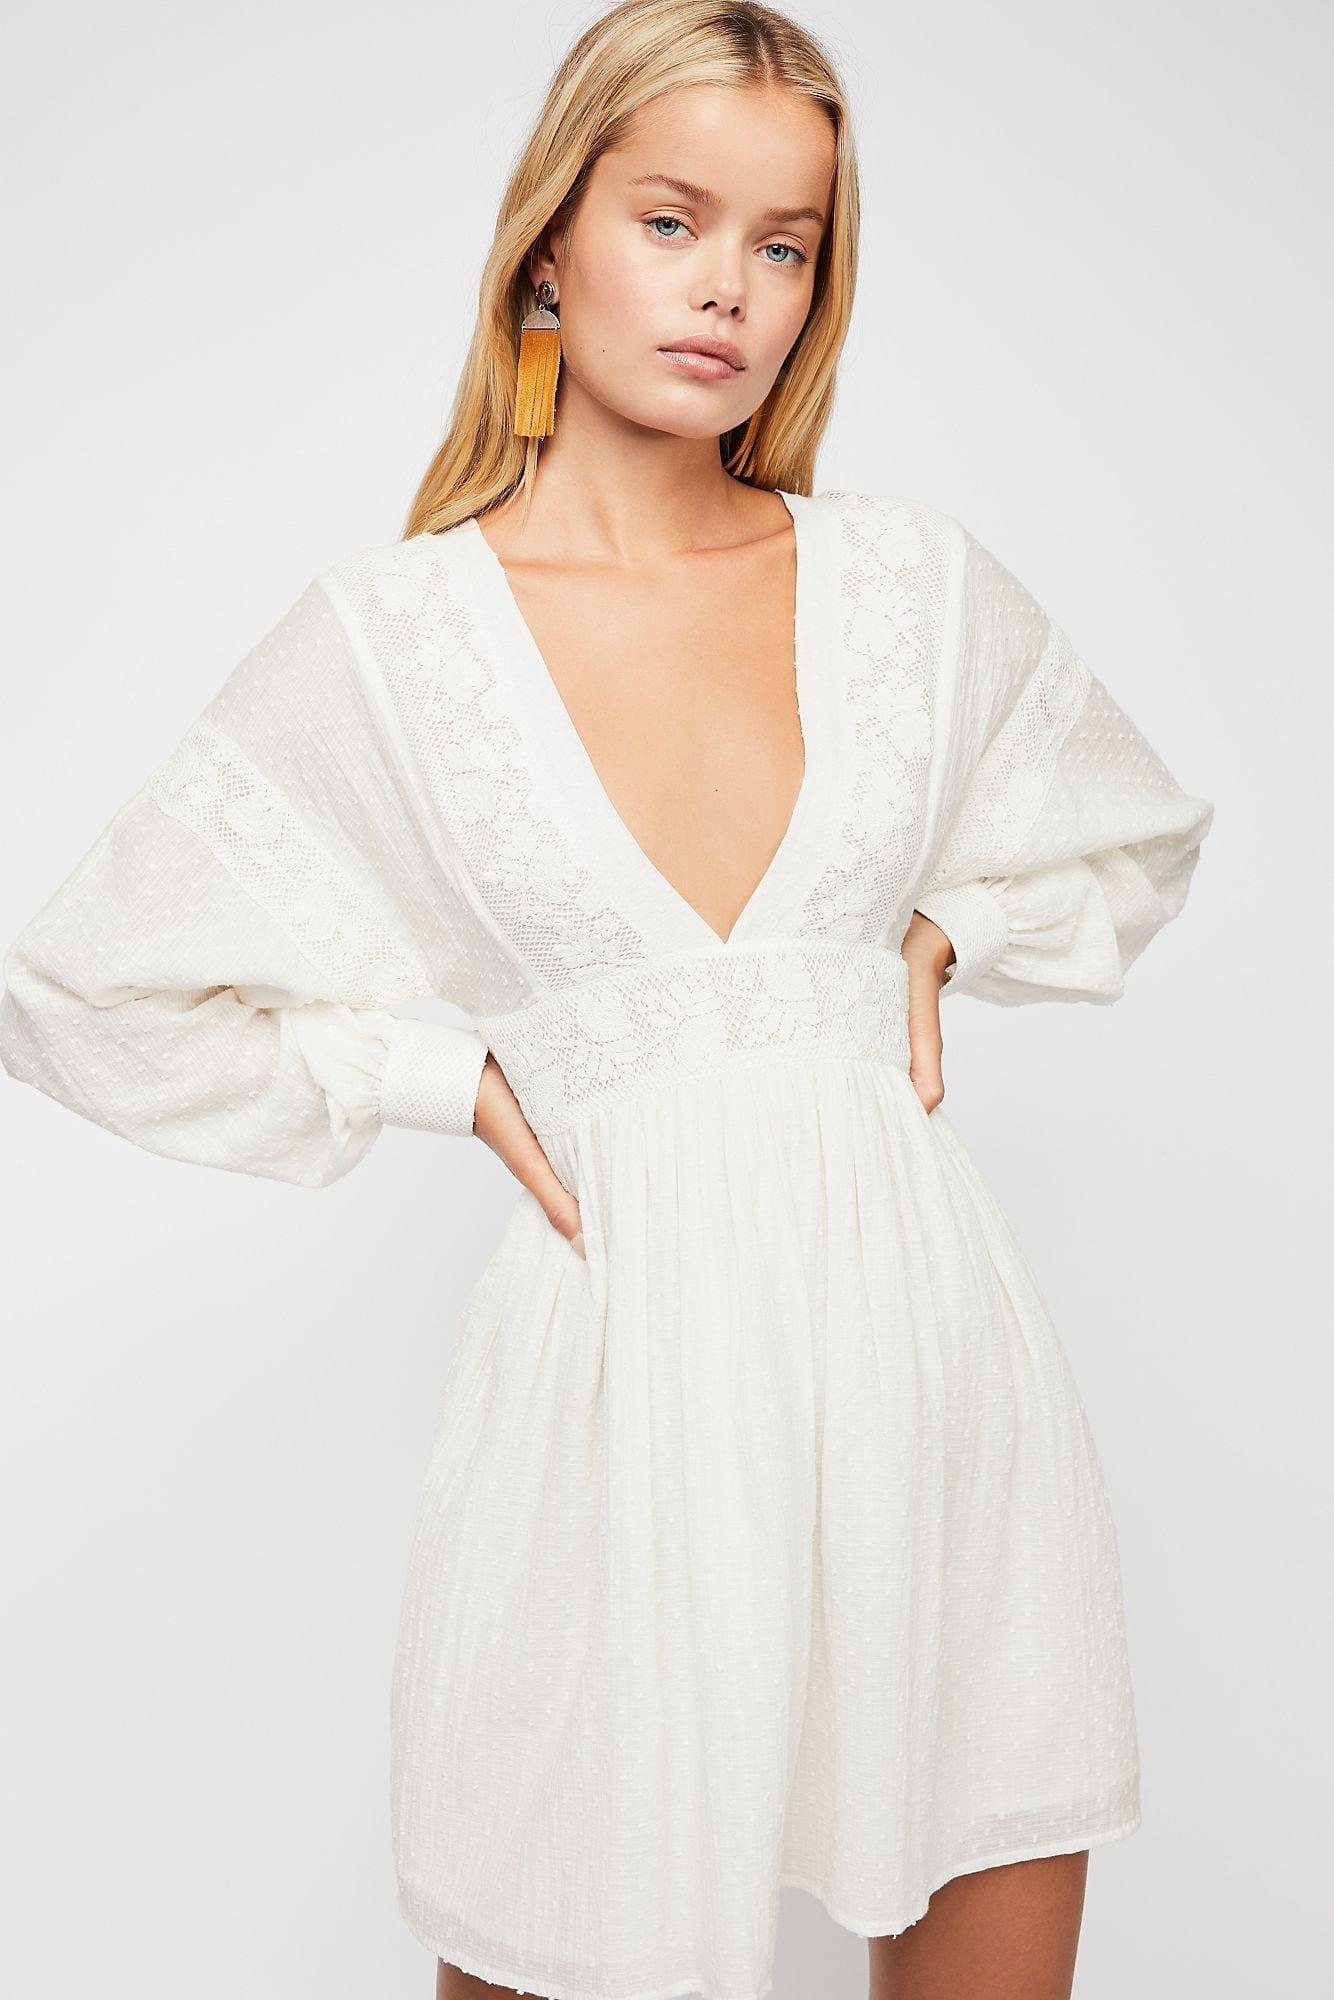 SUGARPIE Mini White Dress